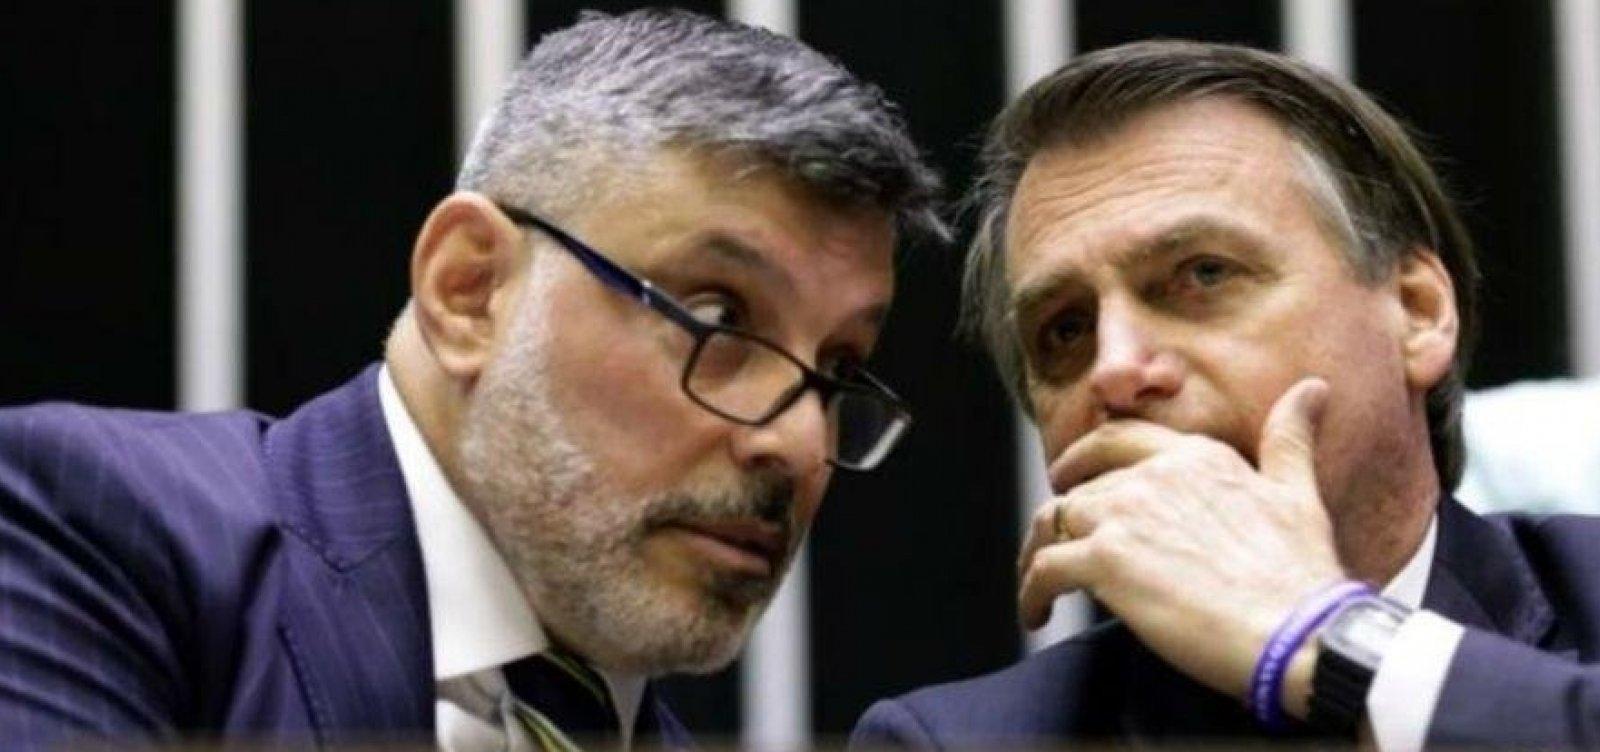 Frota publica vídeo em que Bolsonaro diz que quer 'continuar transando' com deputado